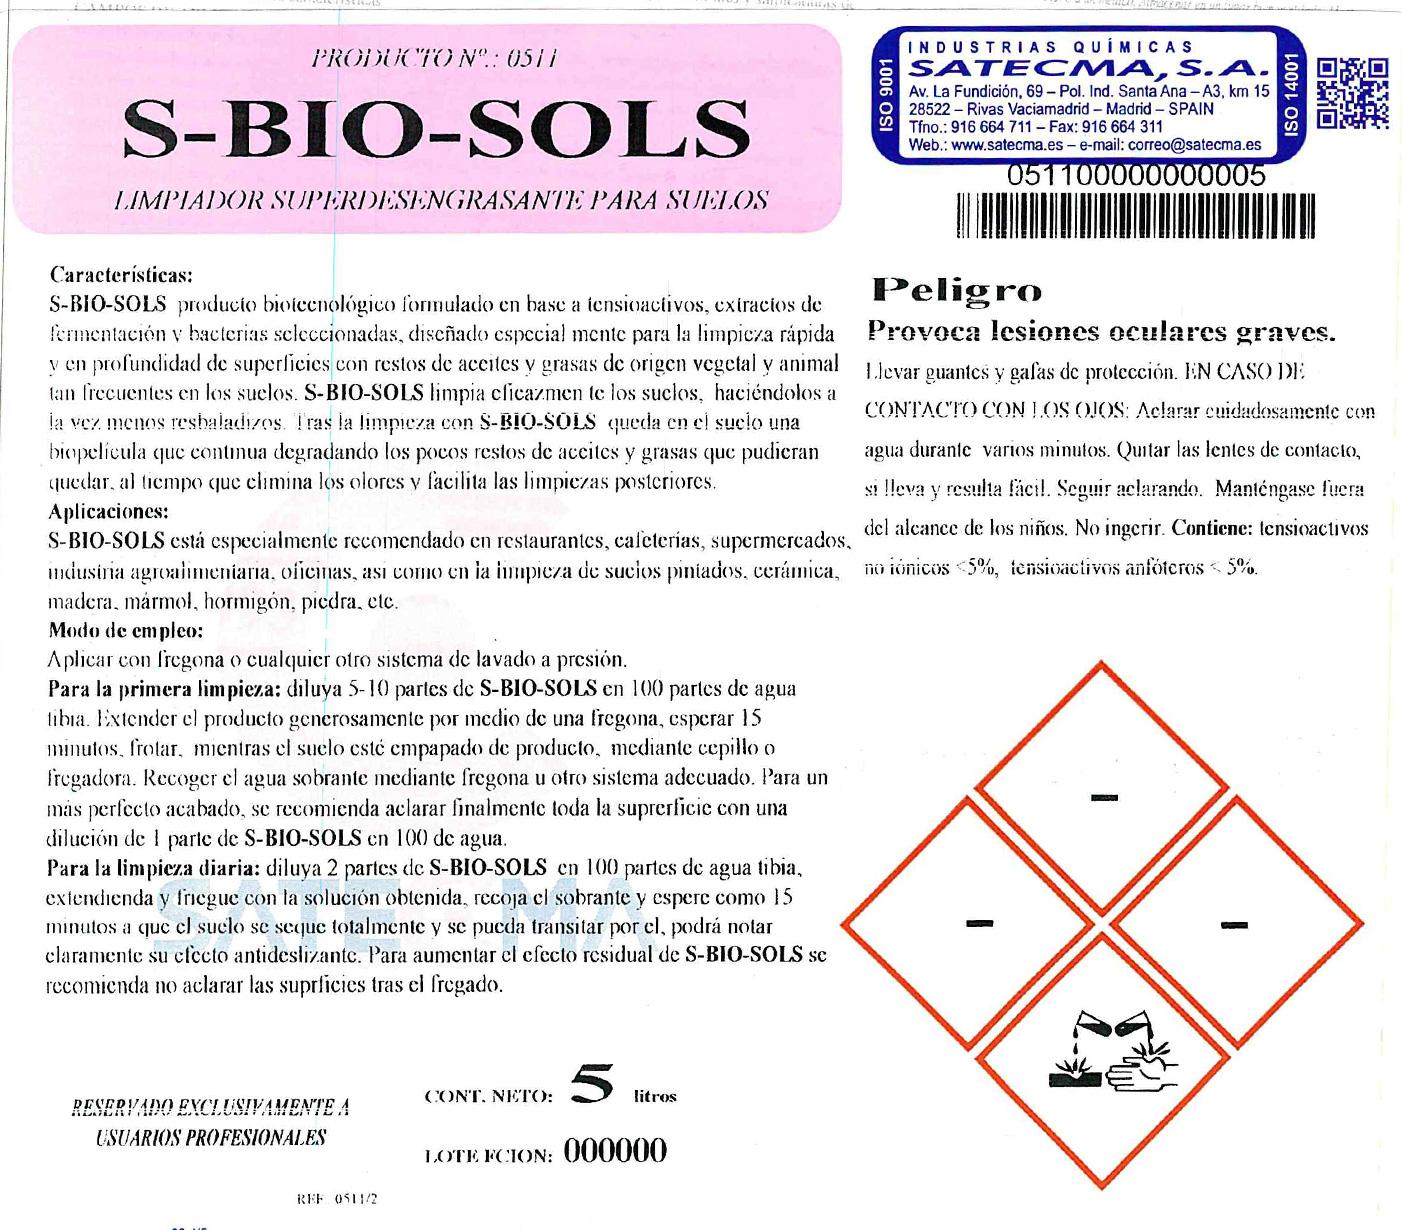 ETIQUETA S-BIO SOLS